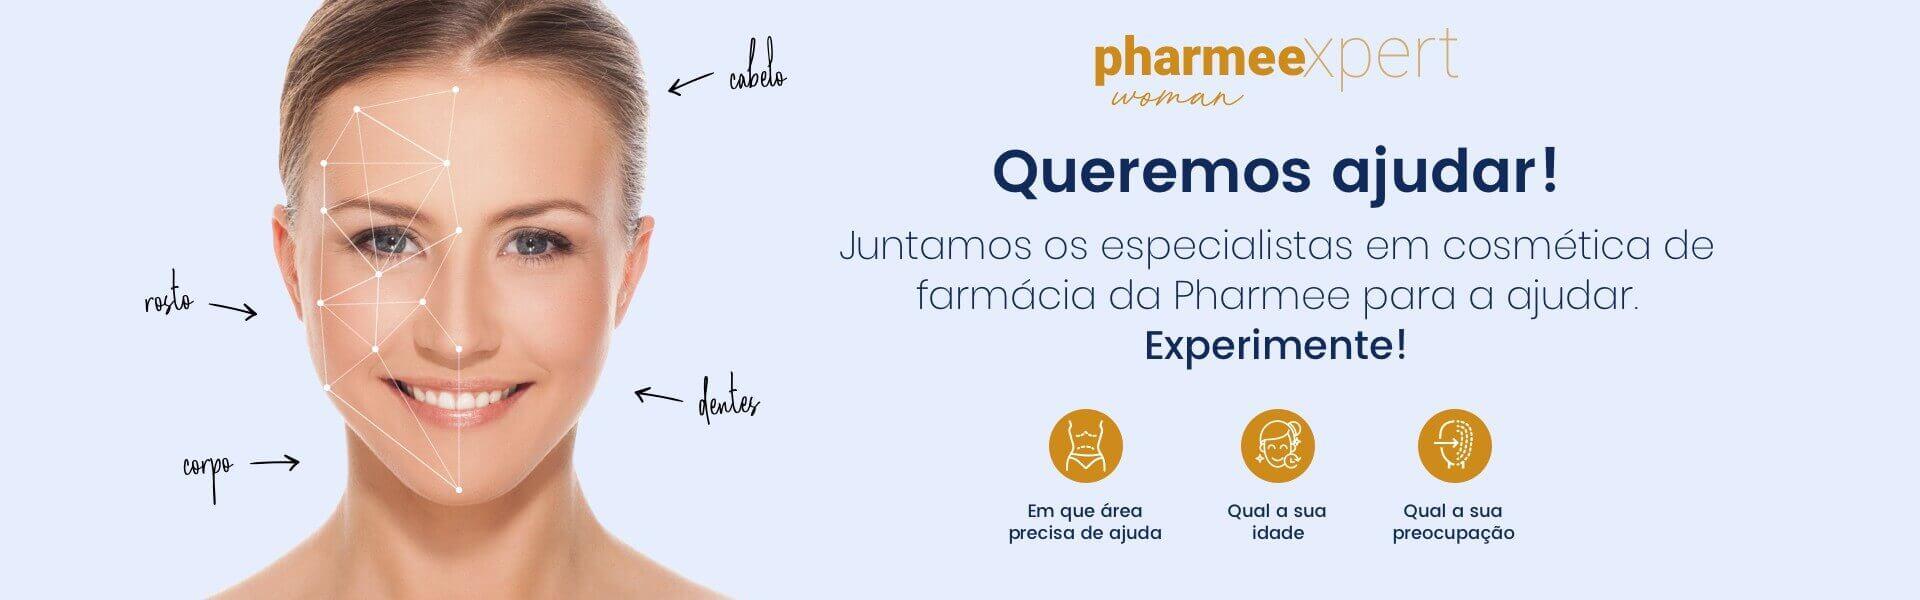 pharmeeXpert conselheiro online de cosméticos